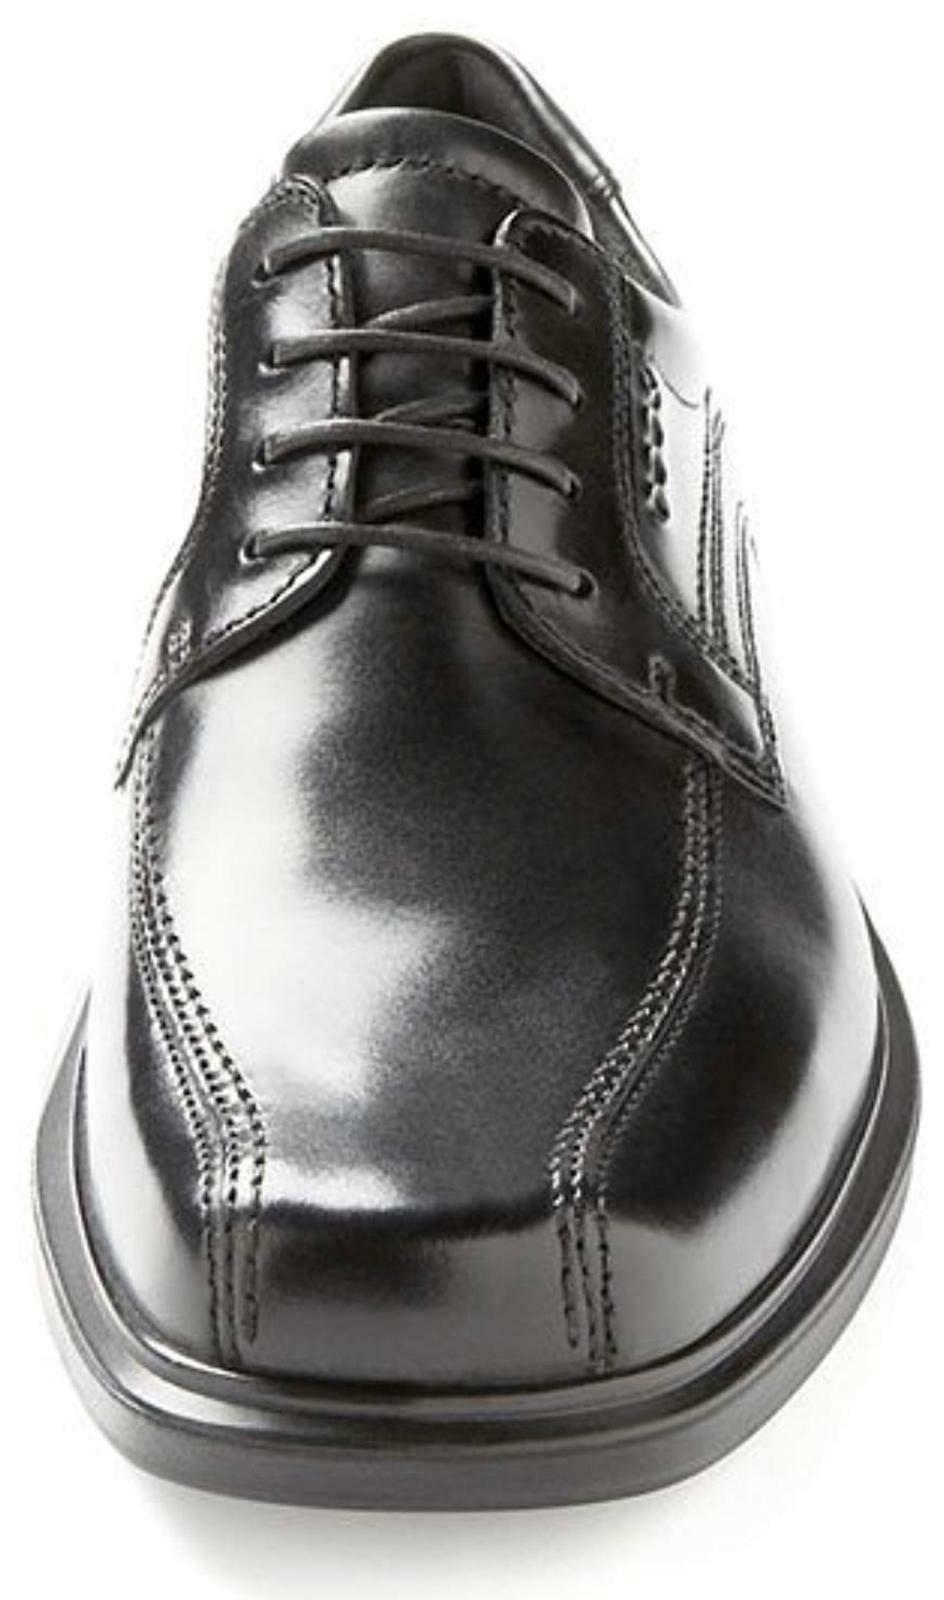 ECCO Mens Leather Black Oxford